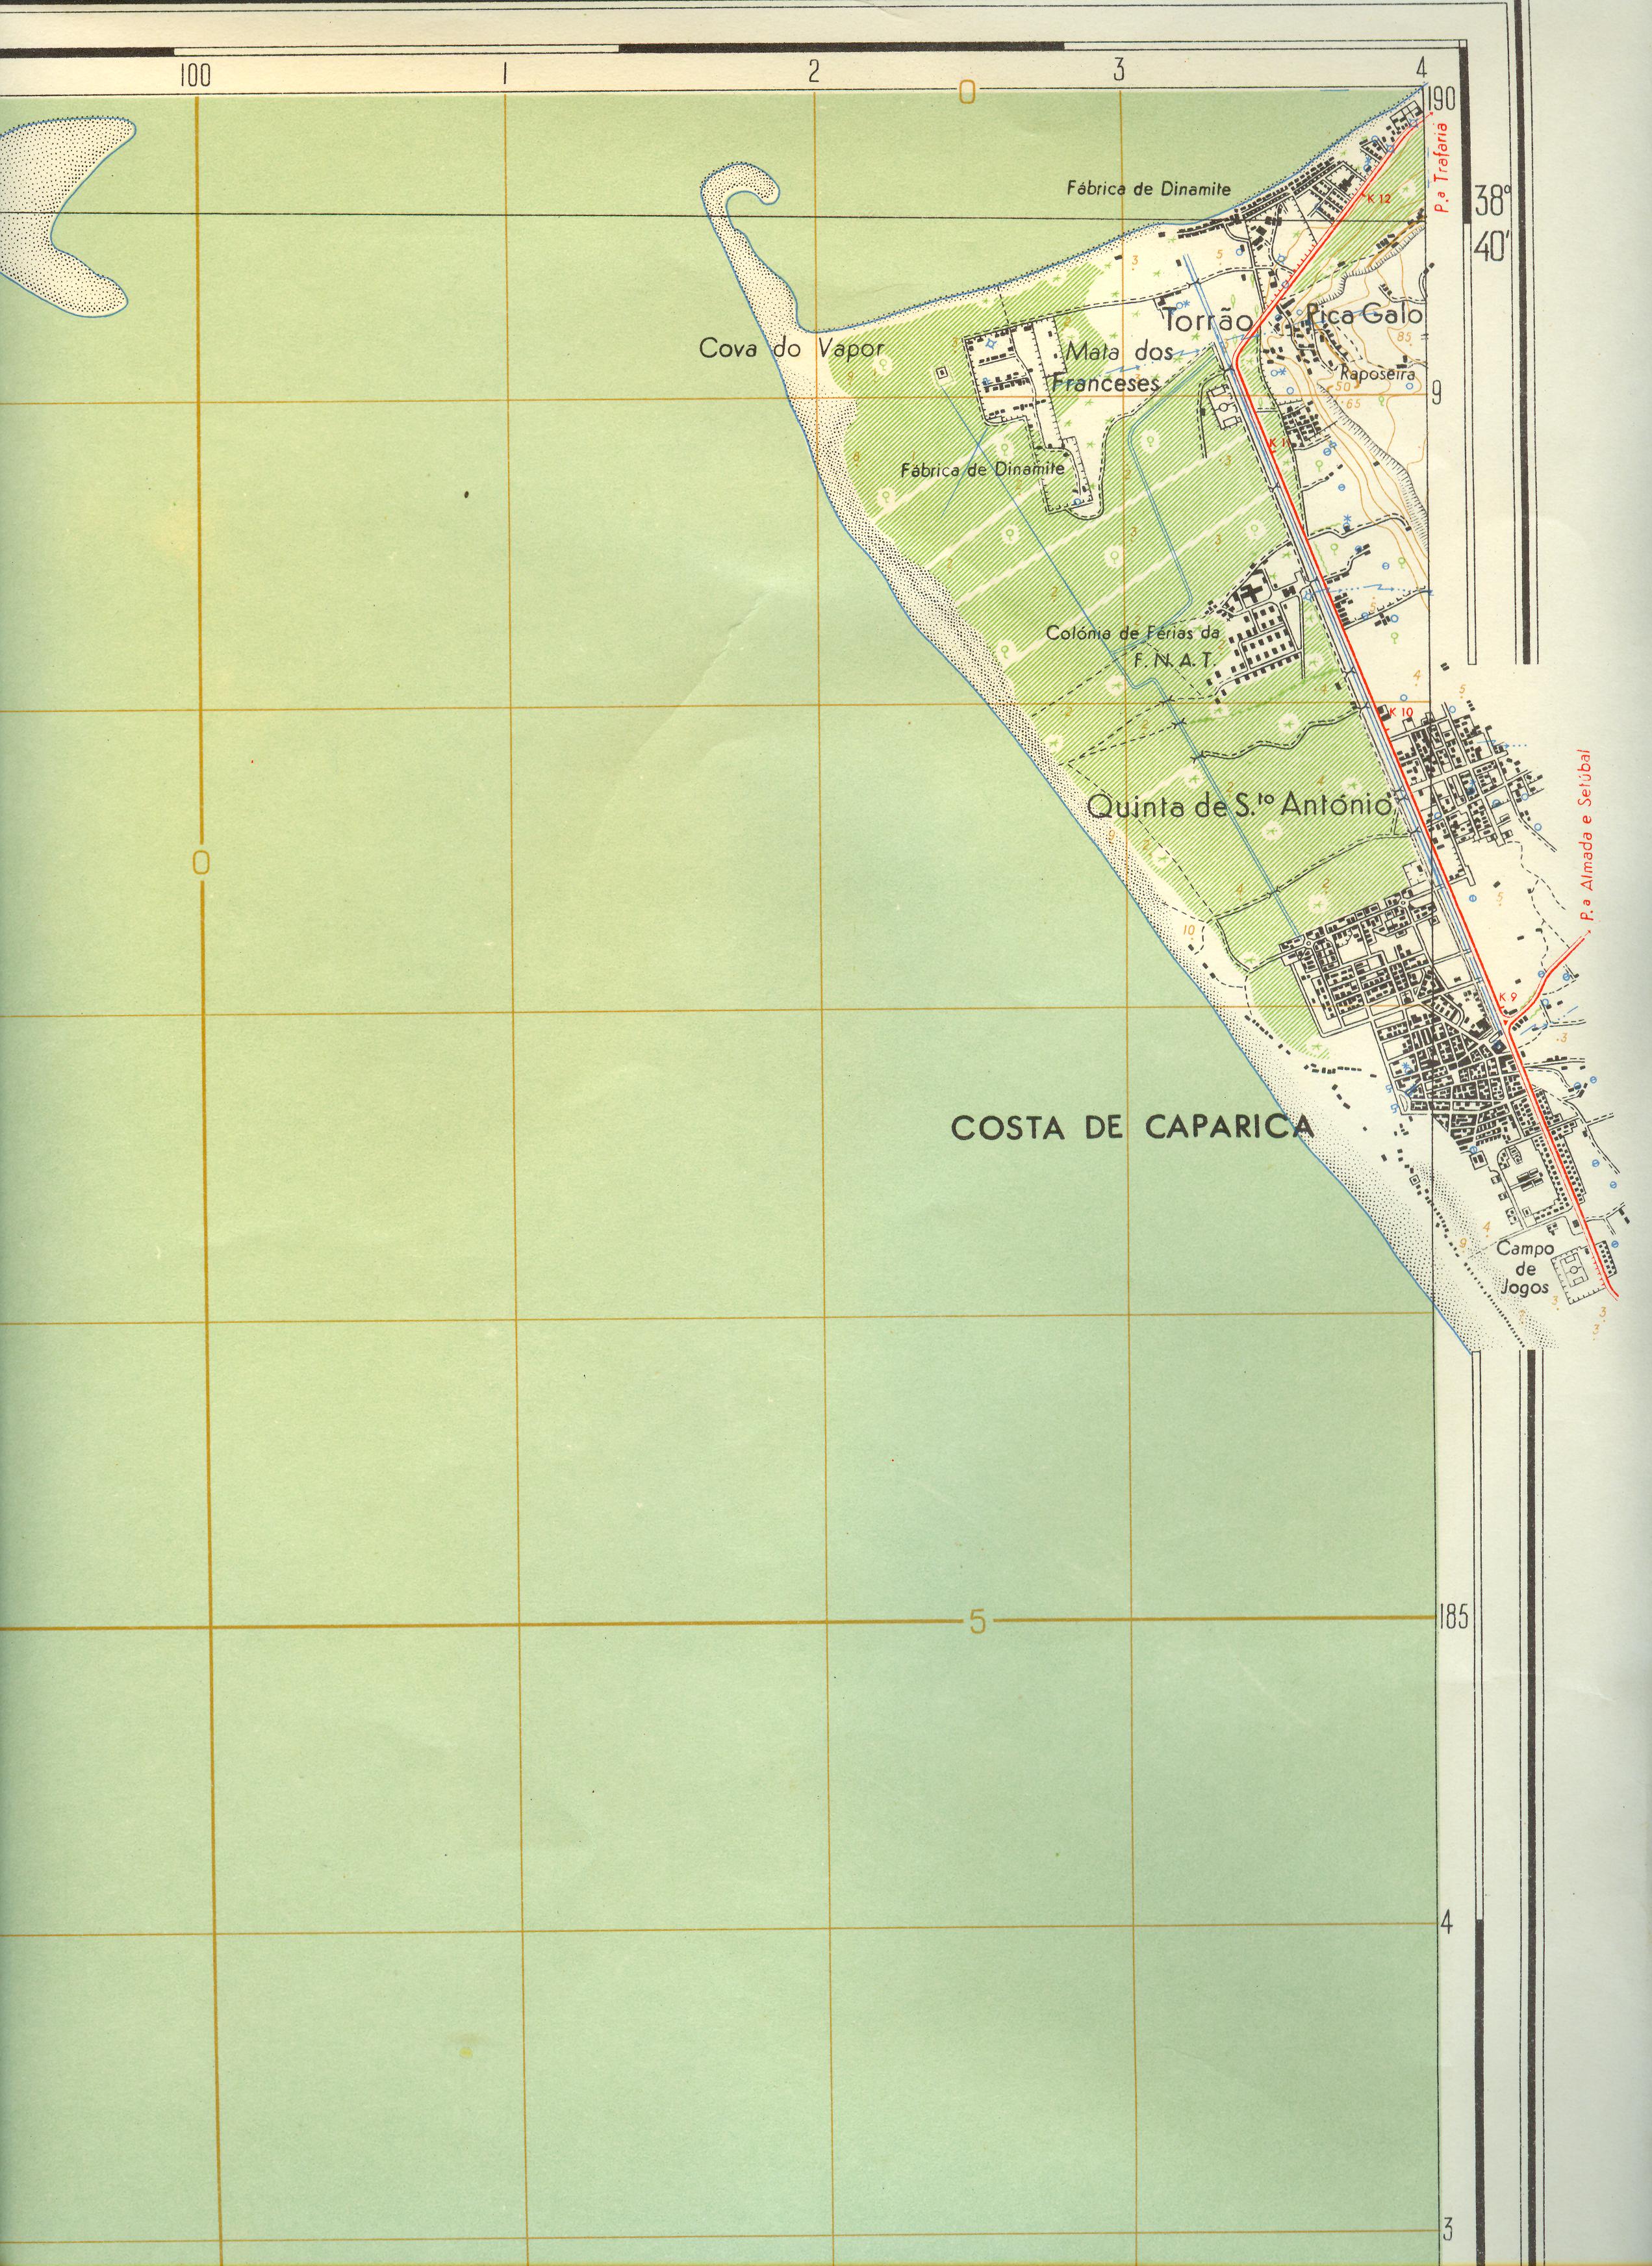 Fronteiras Urbanas Mapas Costa De Caparica